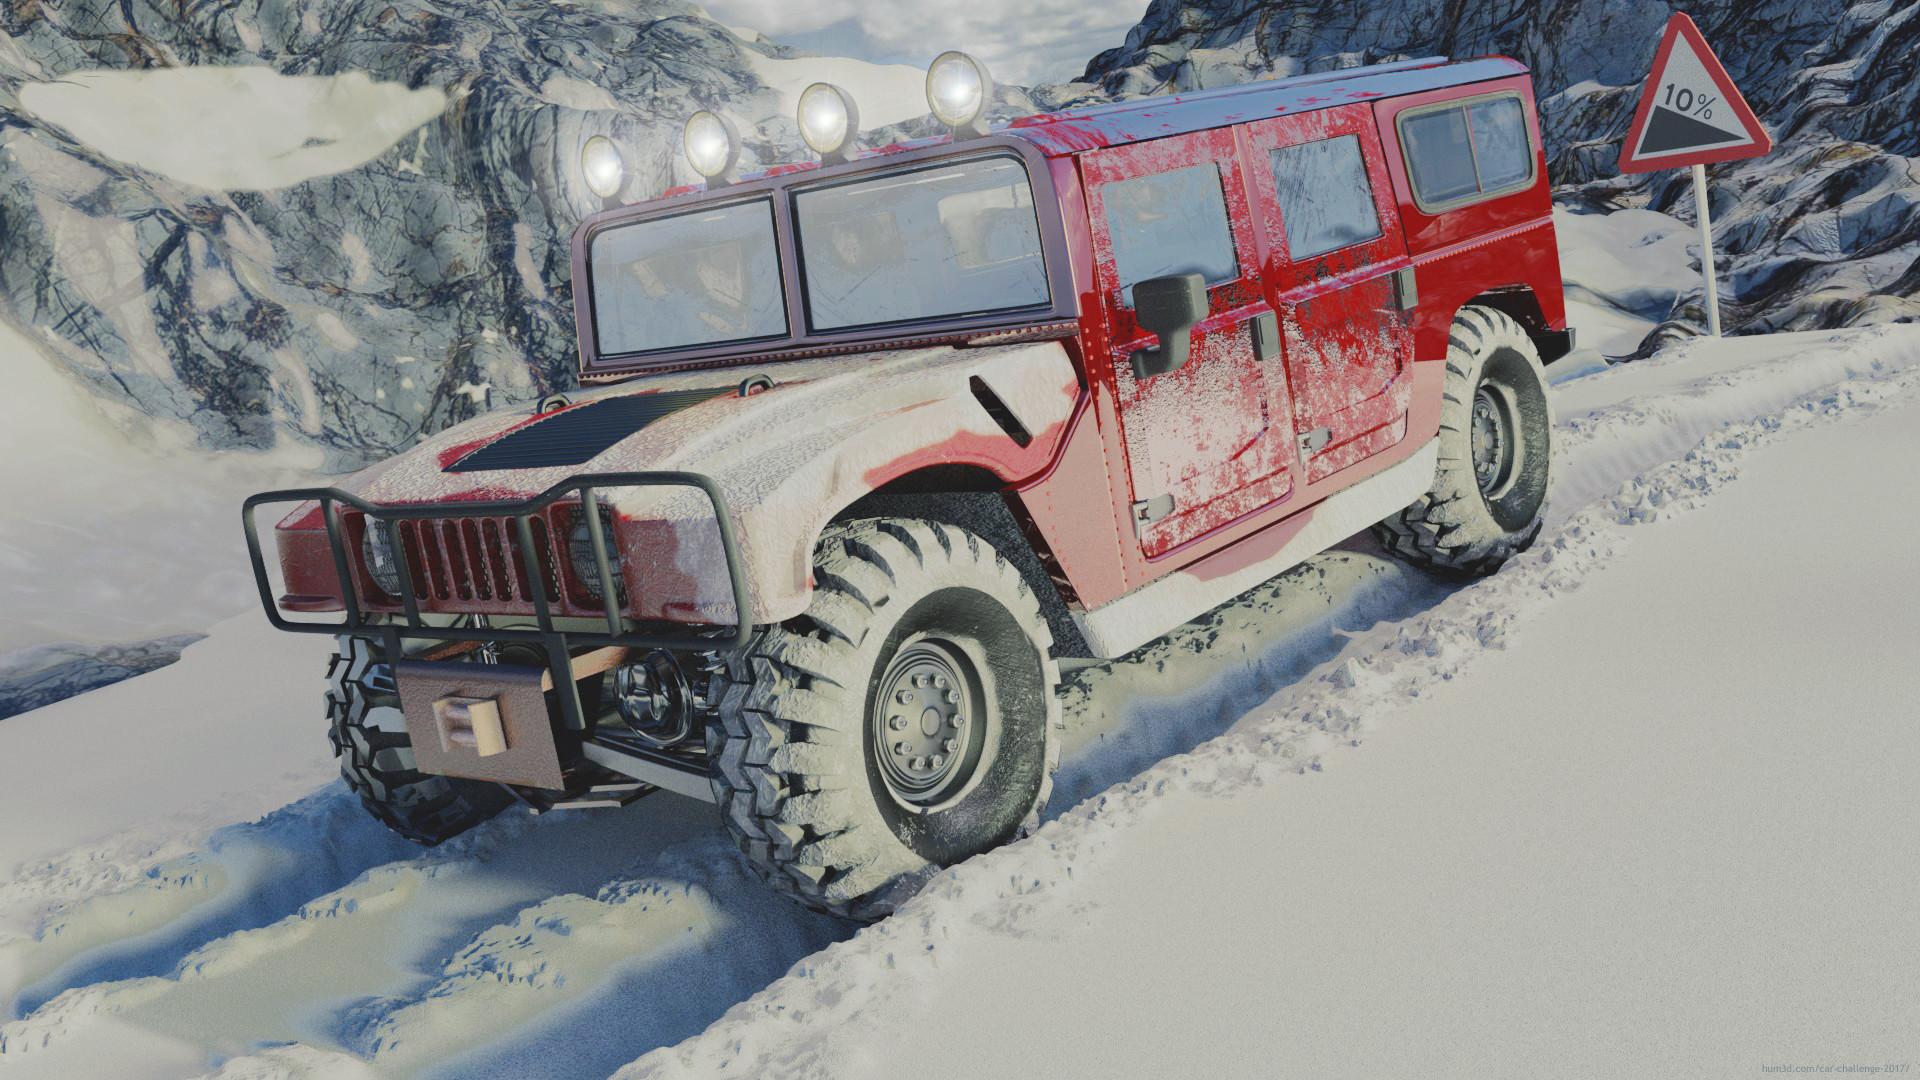 Szymon pancerz snow and risky fun 1